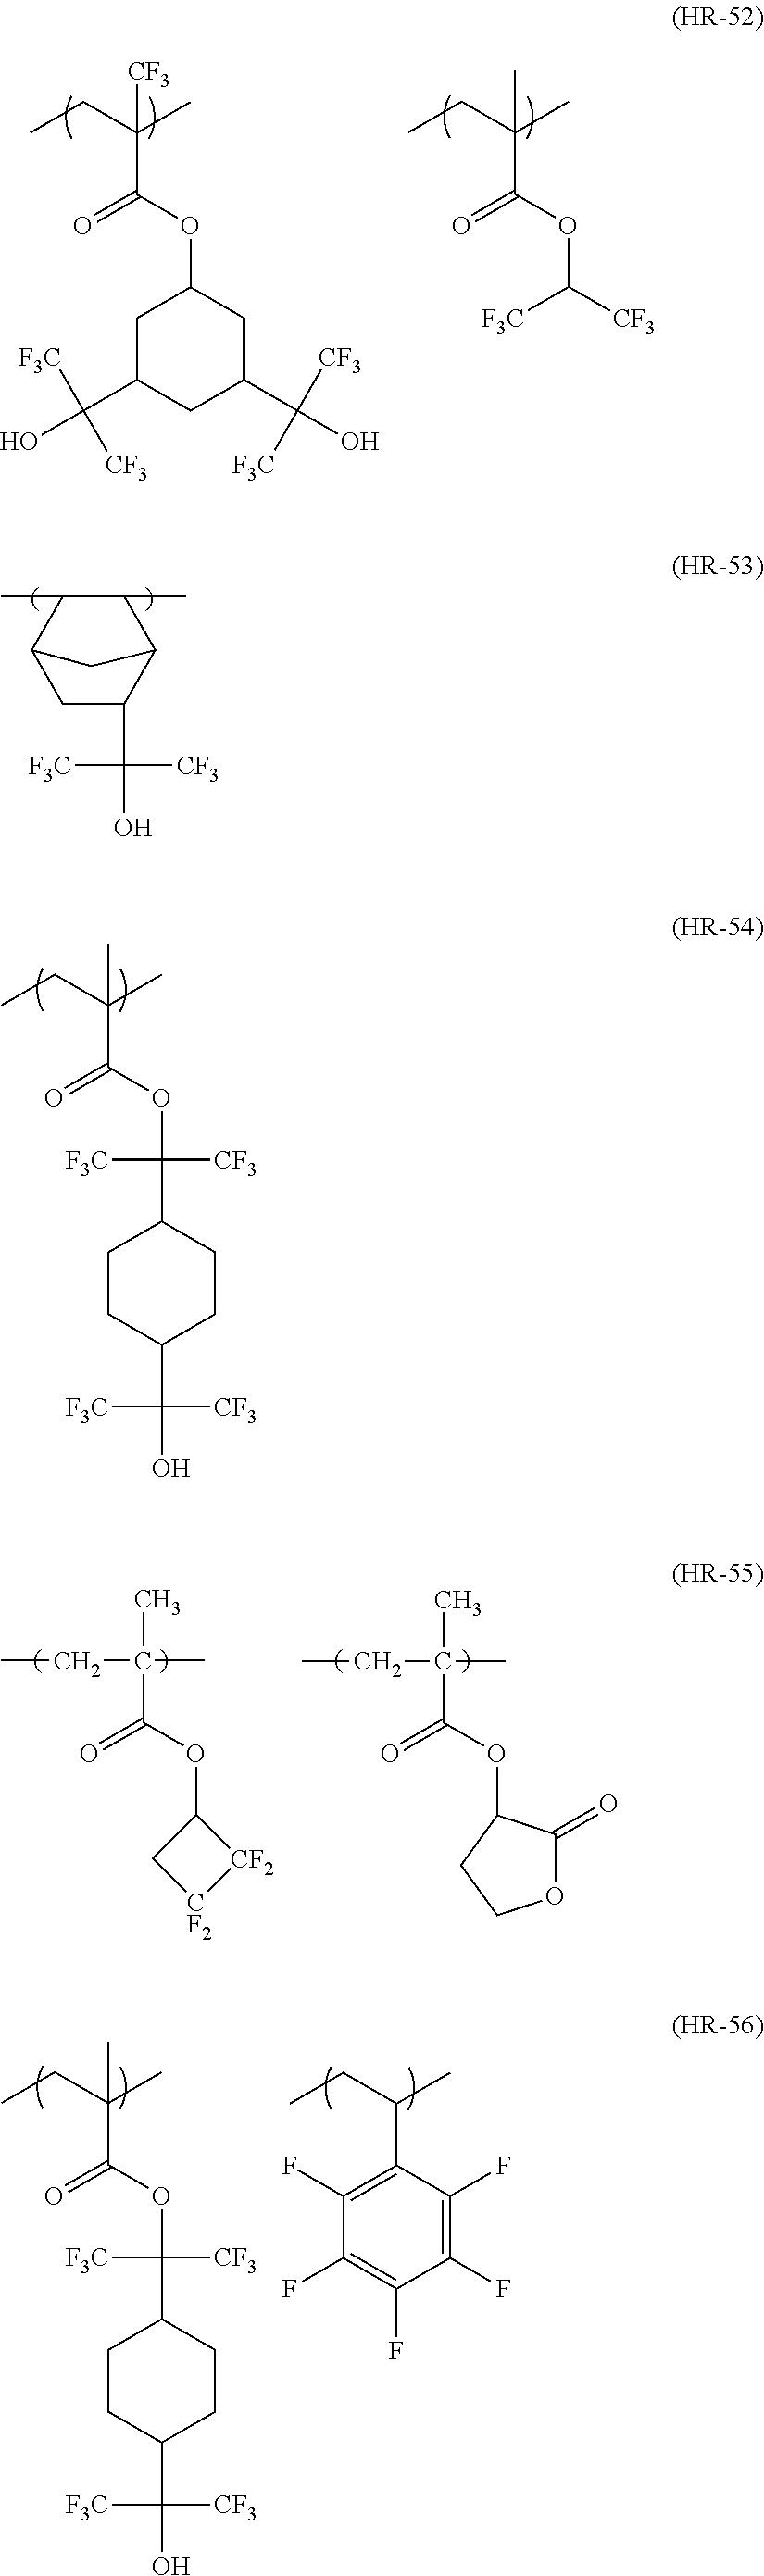 Figure US20110183258A1-20110728-C00122